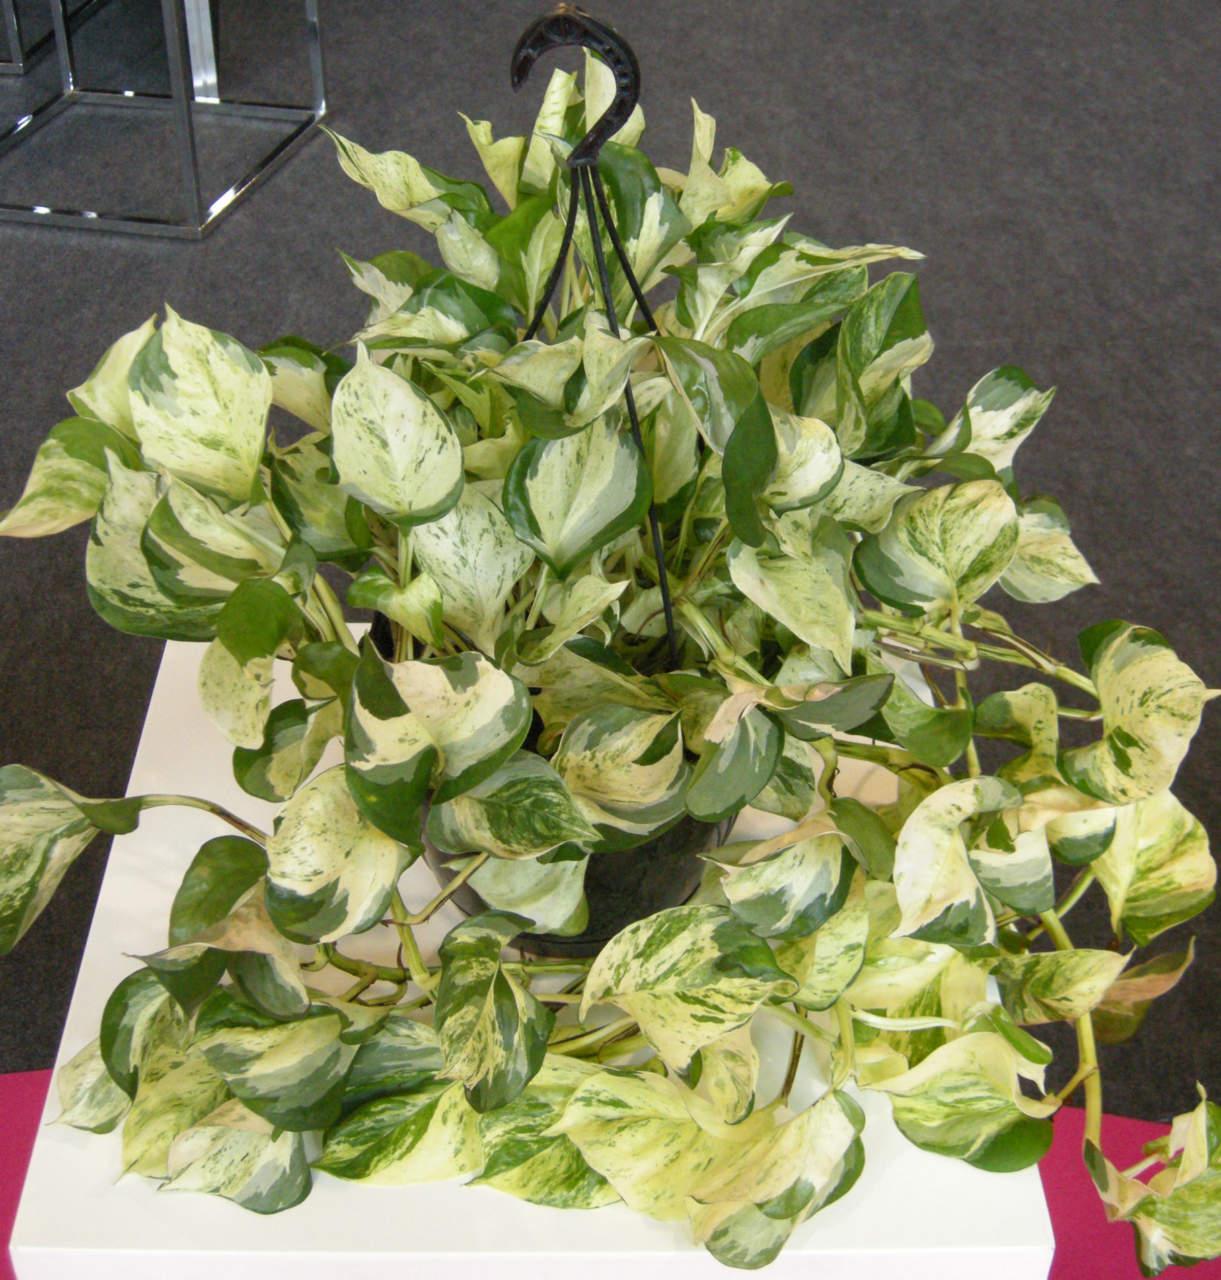 Piante Rampicanti Da Esterno potos: la pianta rampicante da appartamento - passione in verde